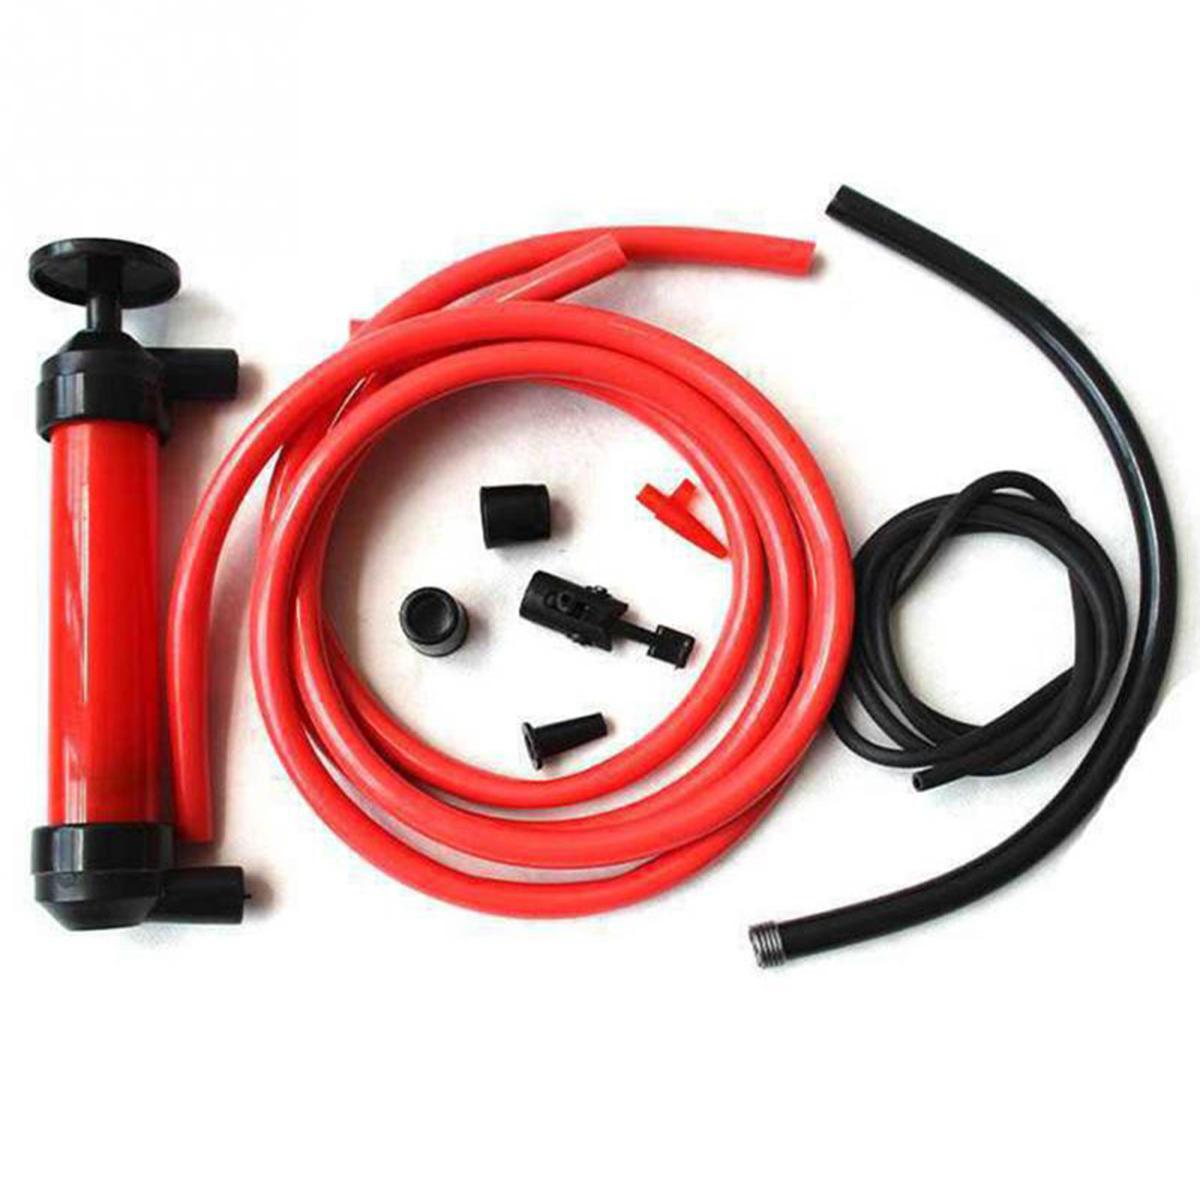 Portable Manual Sucker Siphon Pump Transfer Oil Liquid Hand Air Pump Car